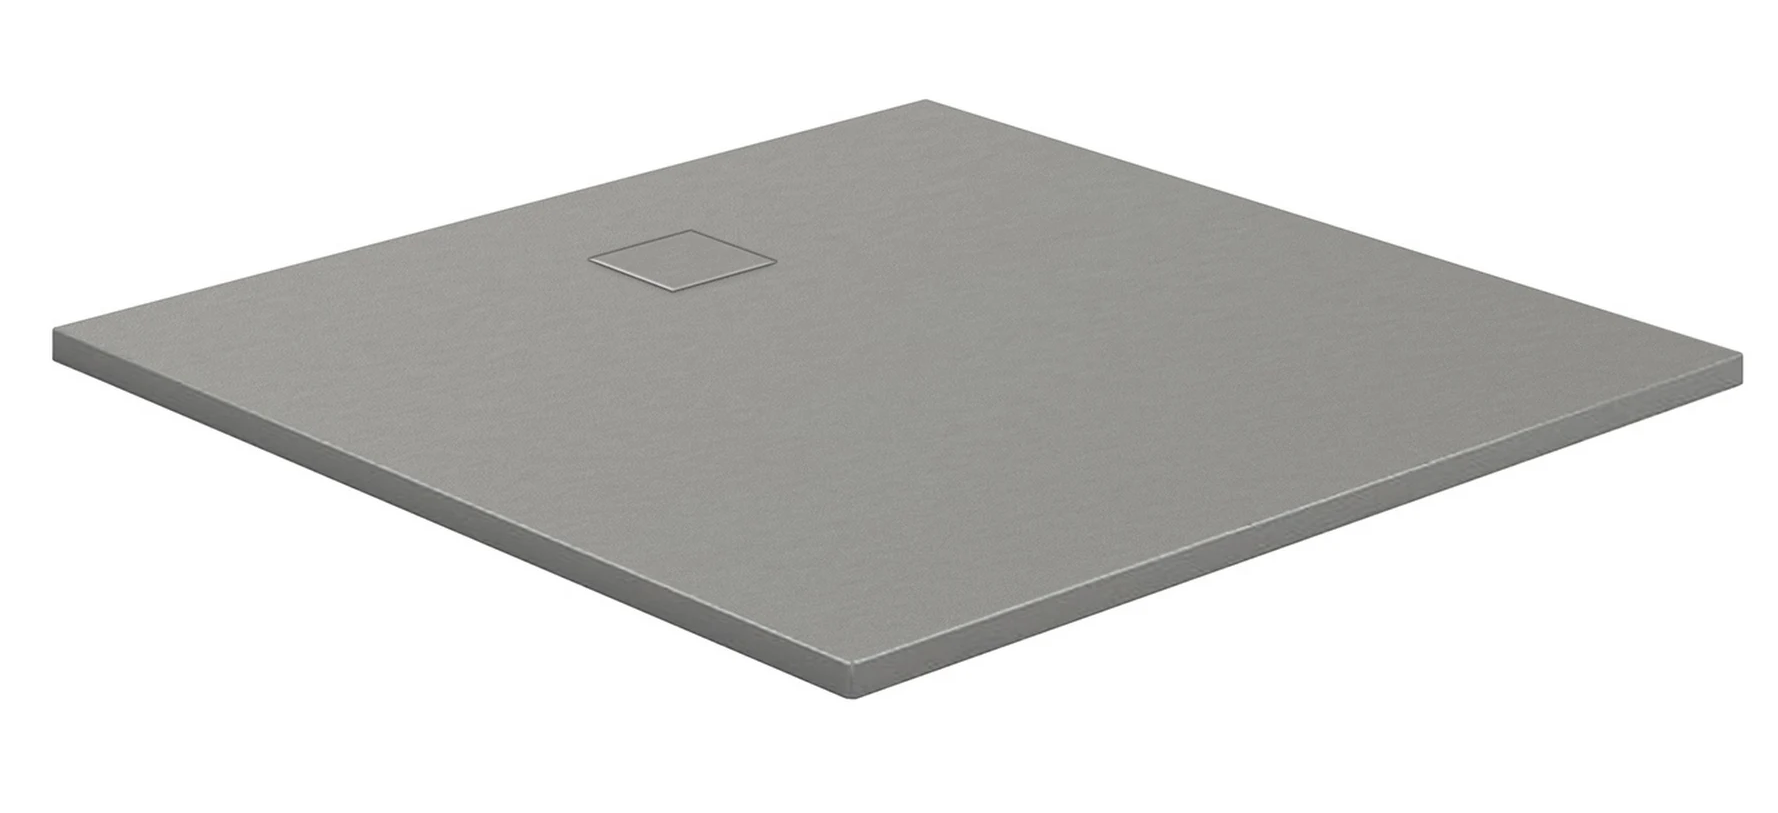 HSK Marmor-Polymer-Duschwannen, Steinoptik - Quadrat 90x90 Anthrazit mit AntiSlip-Beschichtigung